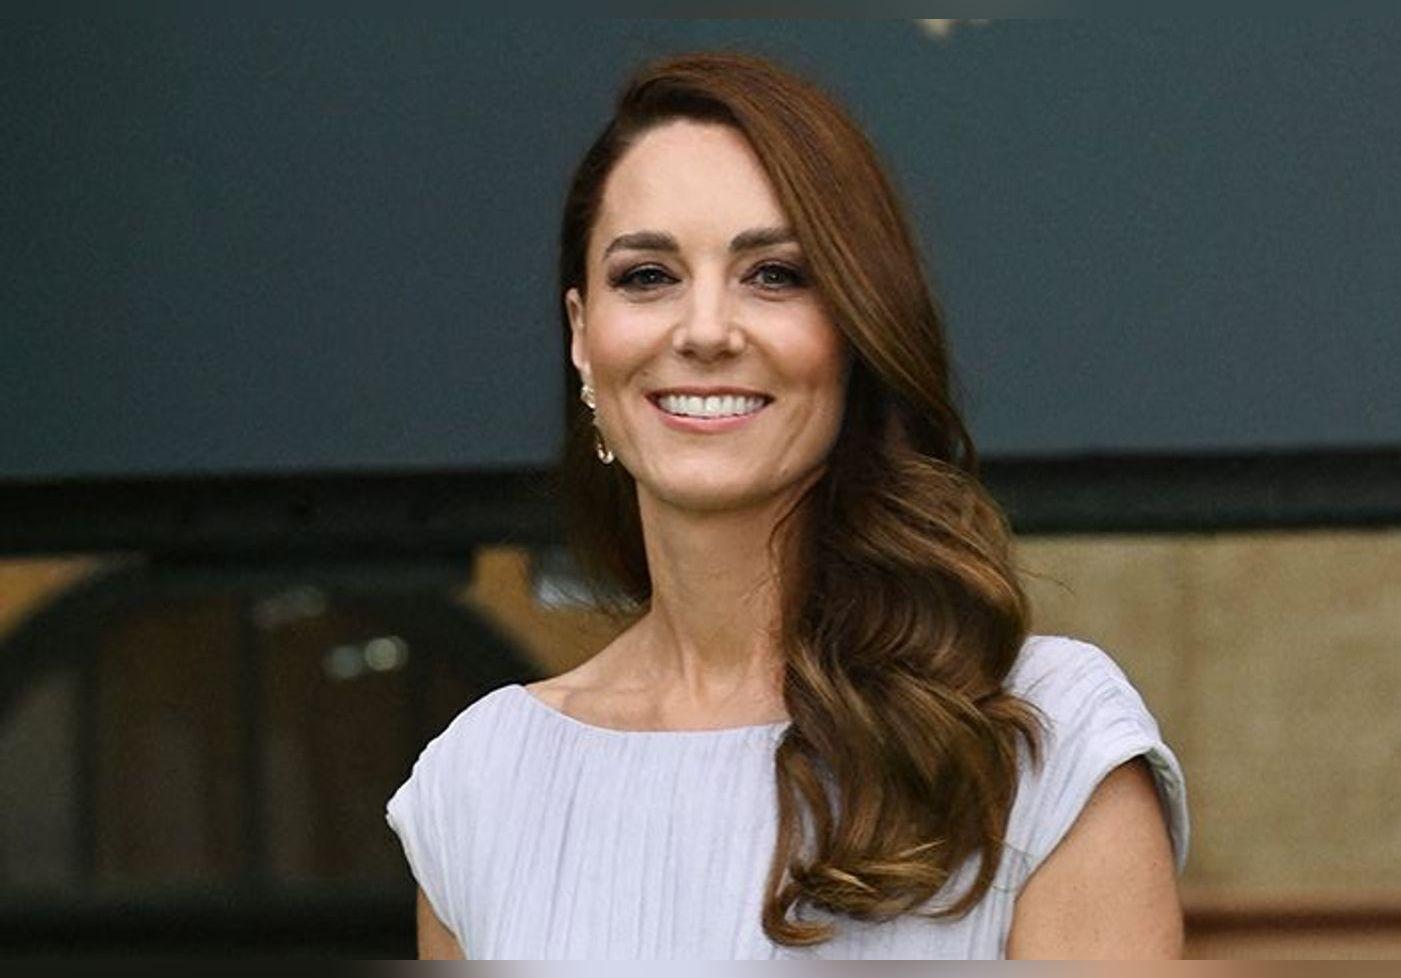 Anti-âge : voici le secret de Kate Middleton pour éviter les rides à bientôt 40 ans… Un puissant élixir naturel semblable à du Botox®